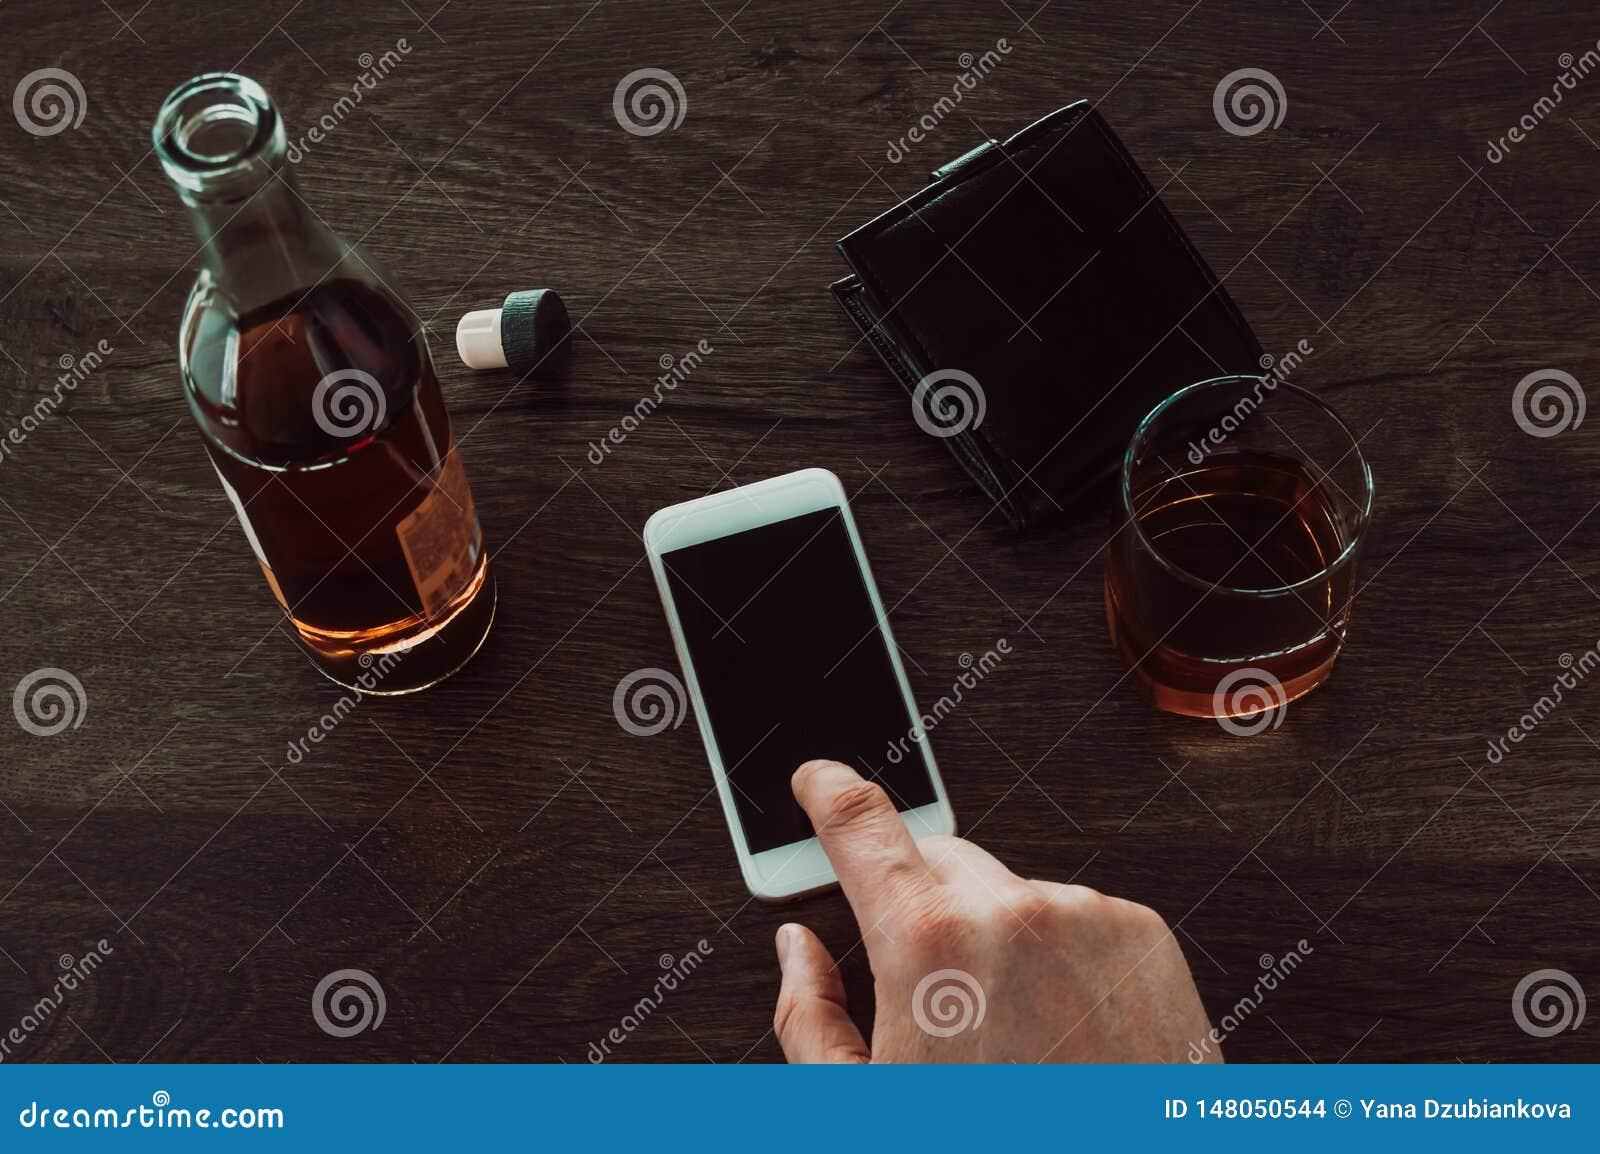 Een mens drukt een vinger op een mobiele telefoon Daarna op de lijst is een glas whisky, een fles whisky en een beurs